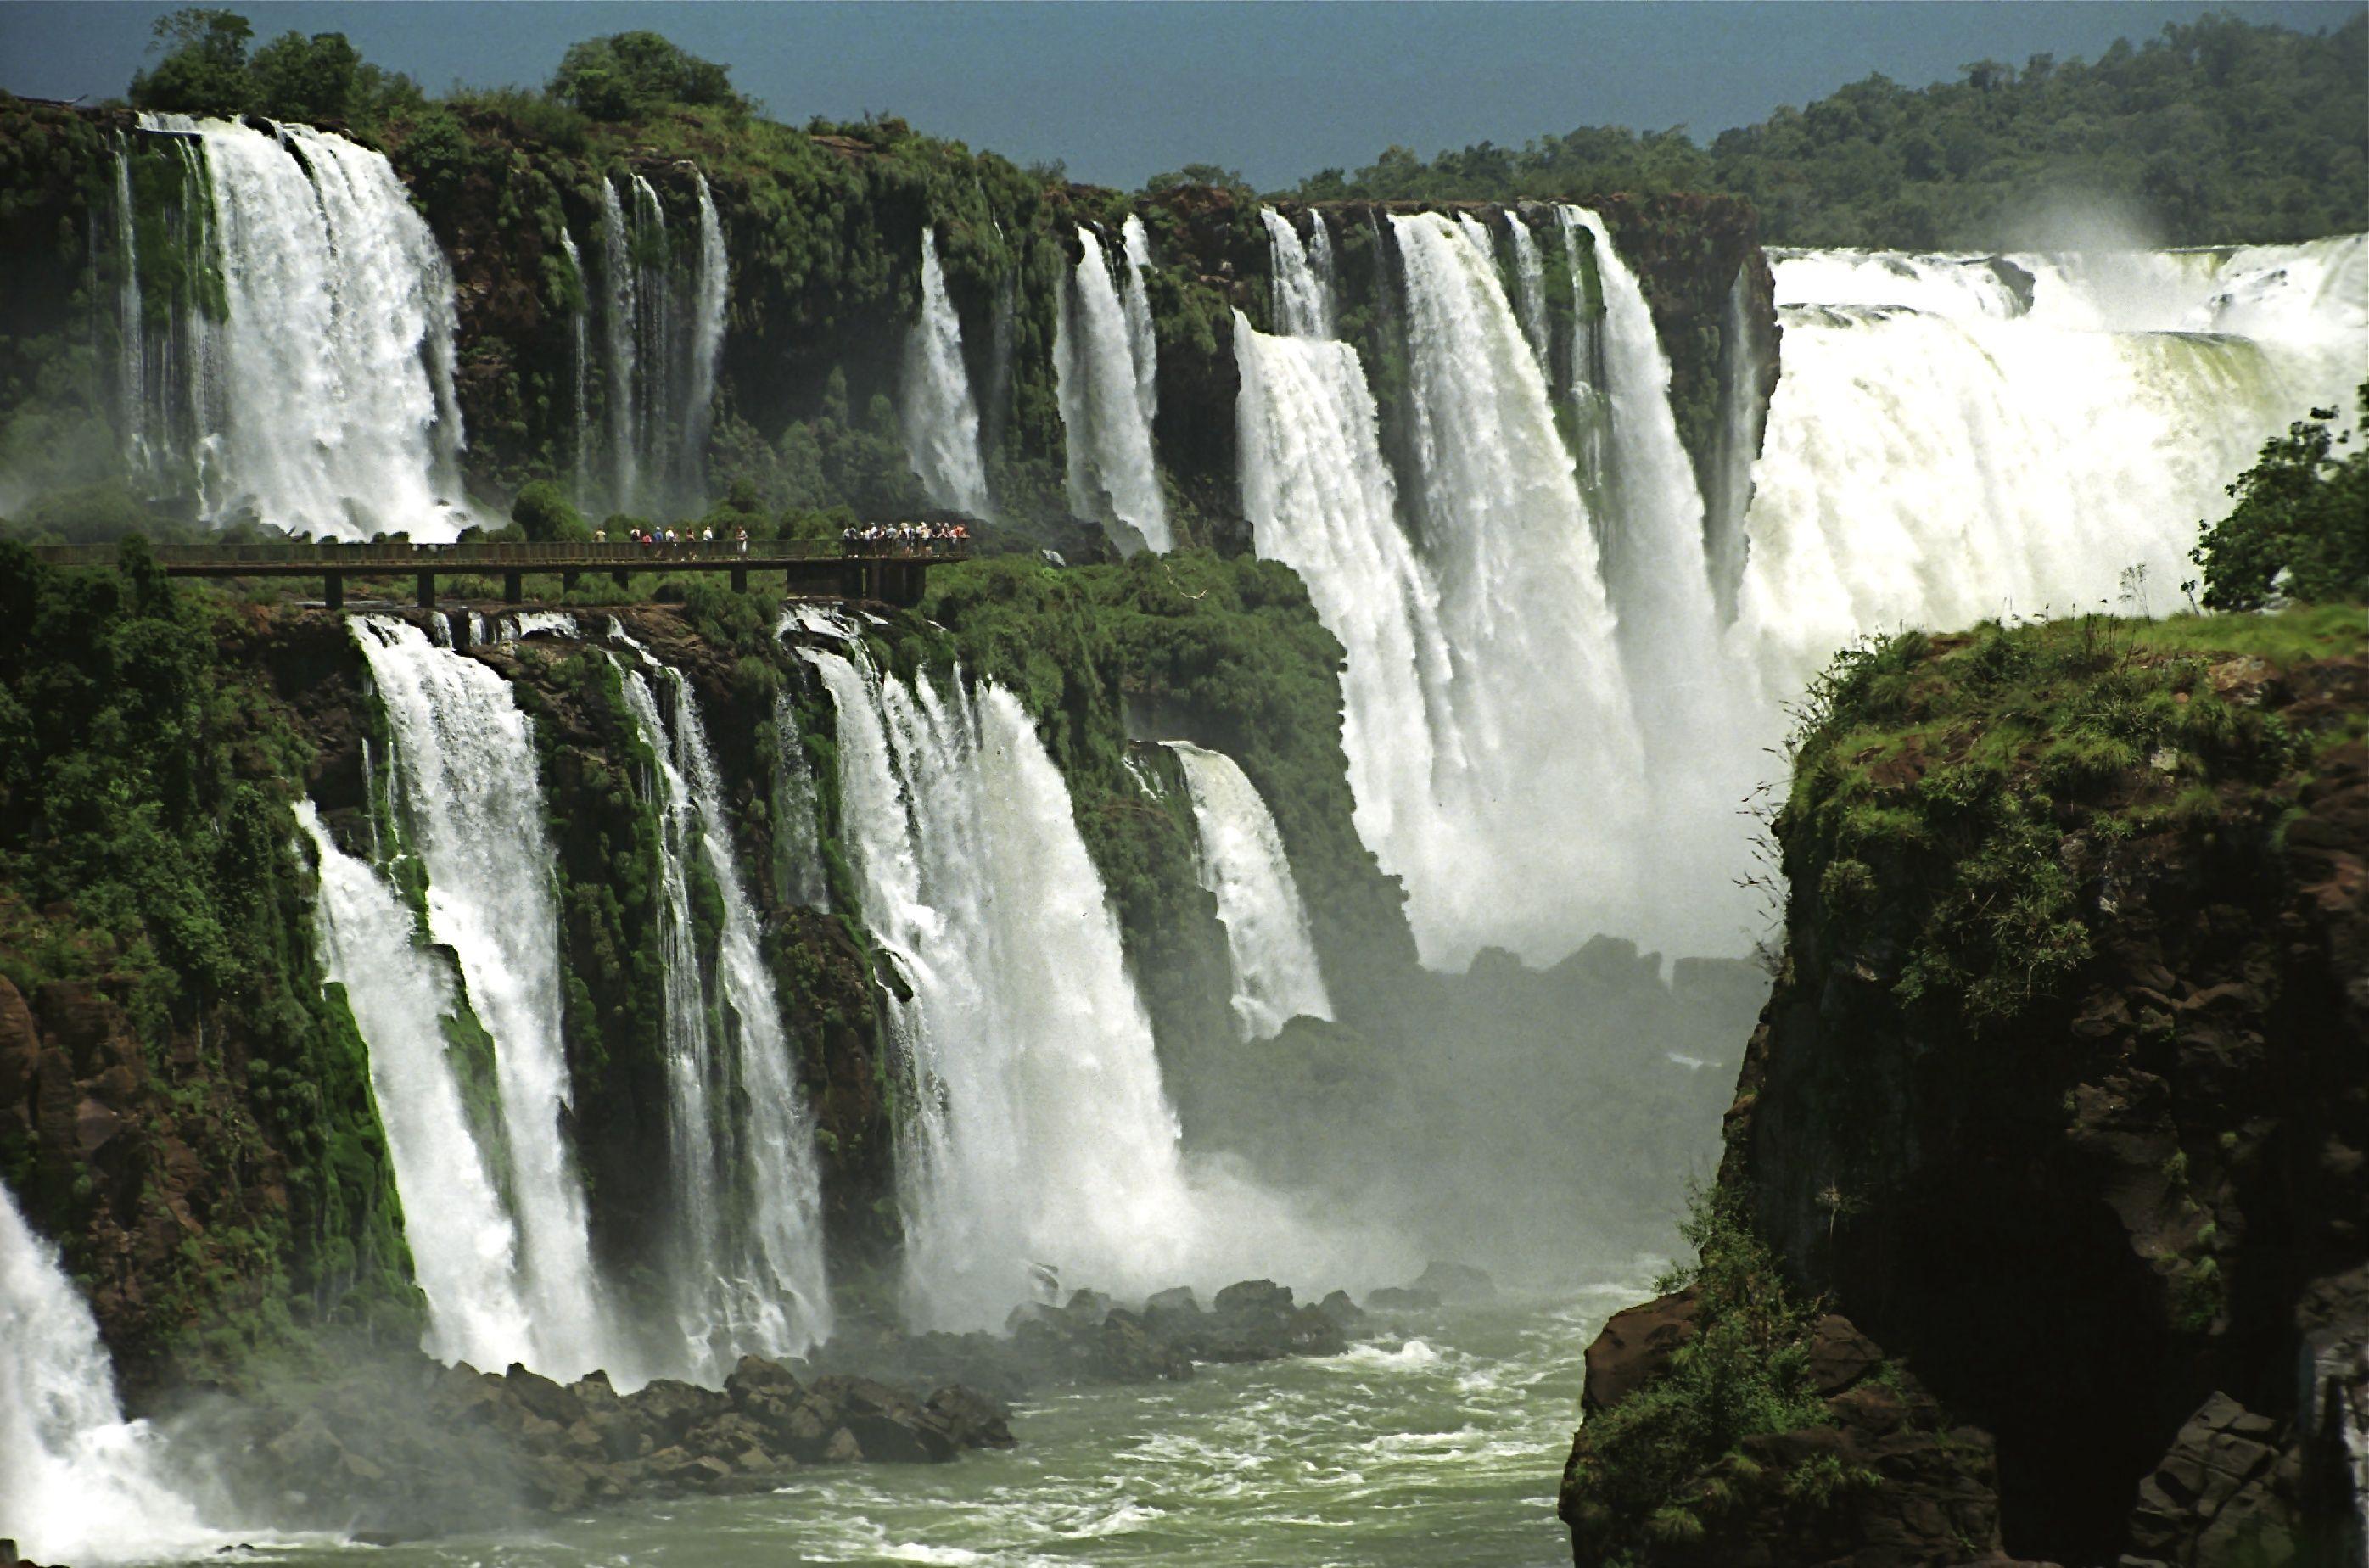 En esta foto se muestra una foto de cataratas de Iguazu que es uno de los atractivos turísticos ubicados en Argentina. Un hecho interesante acerca de este lugar es que las cataratas dividen el río en la parte superior e inferior Iguazu.